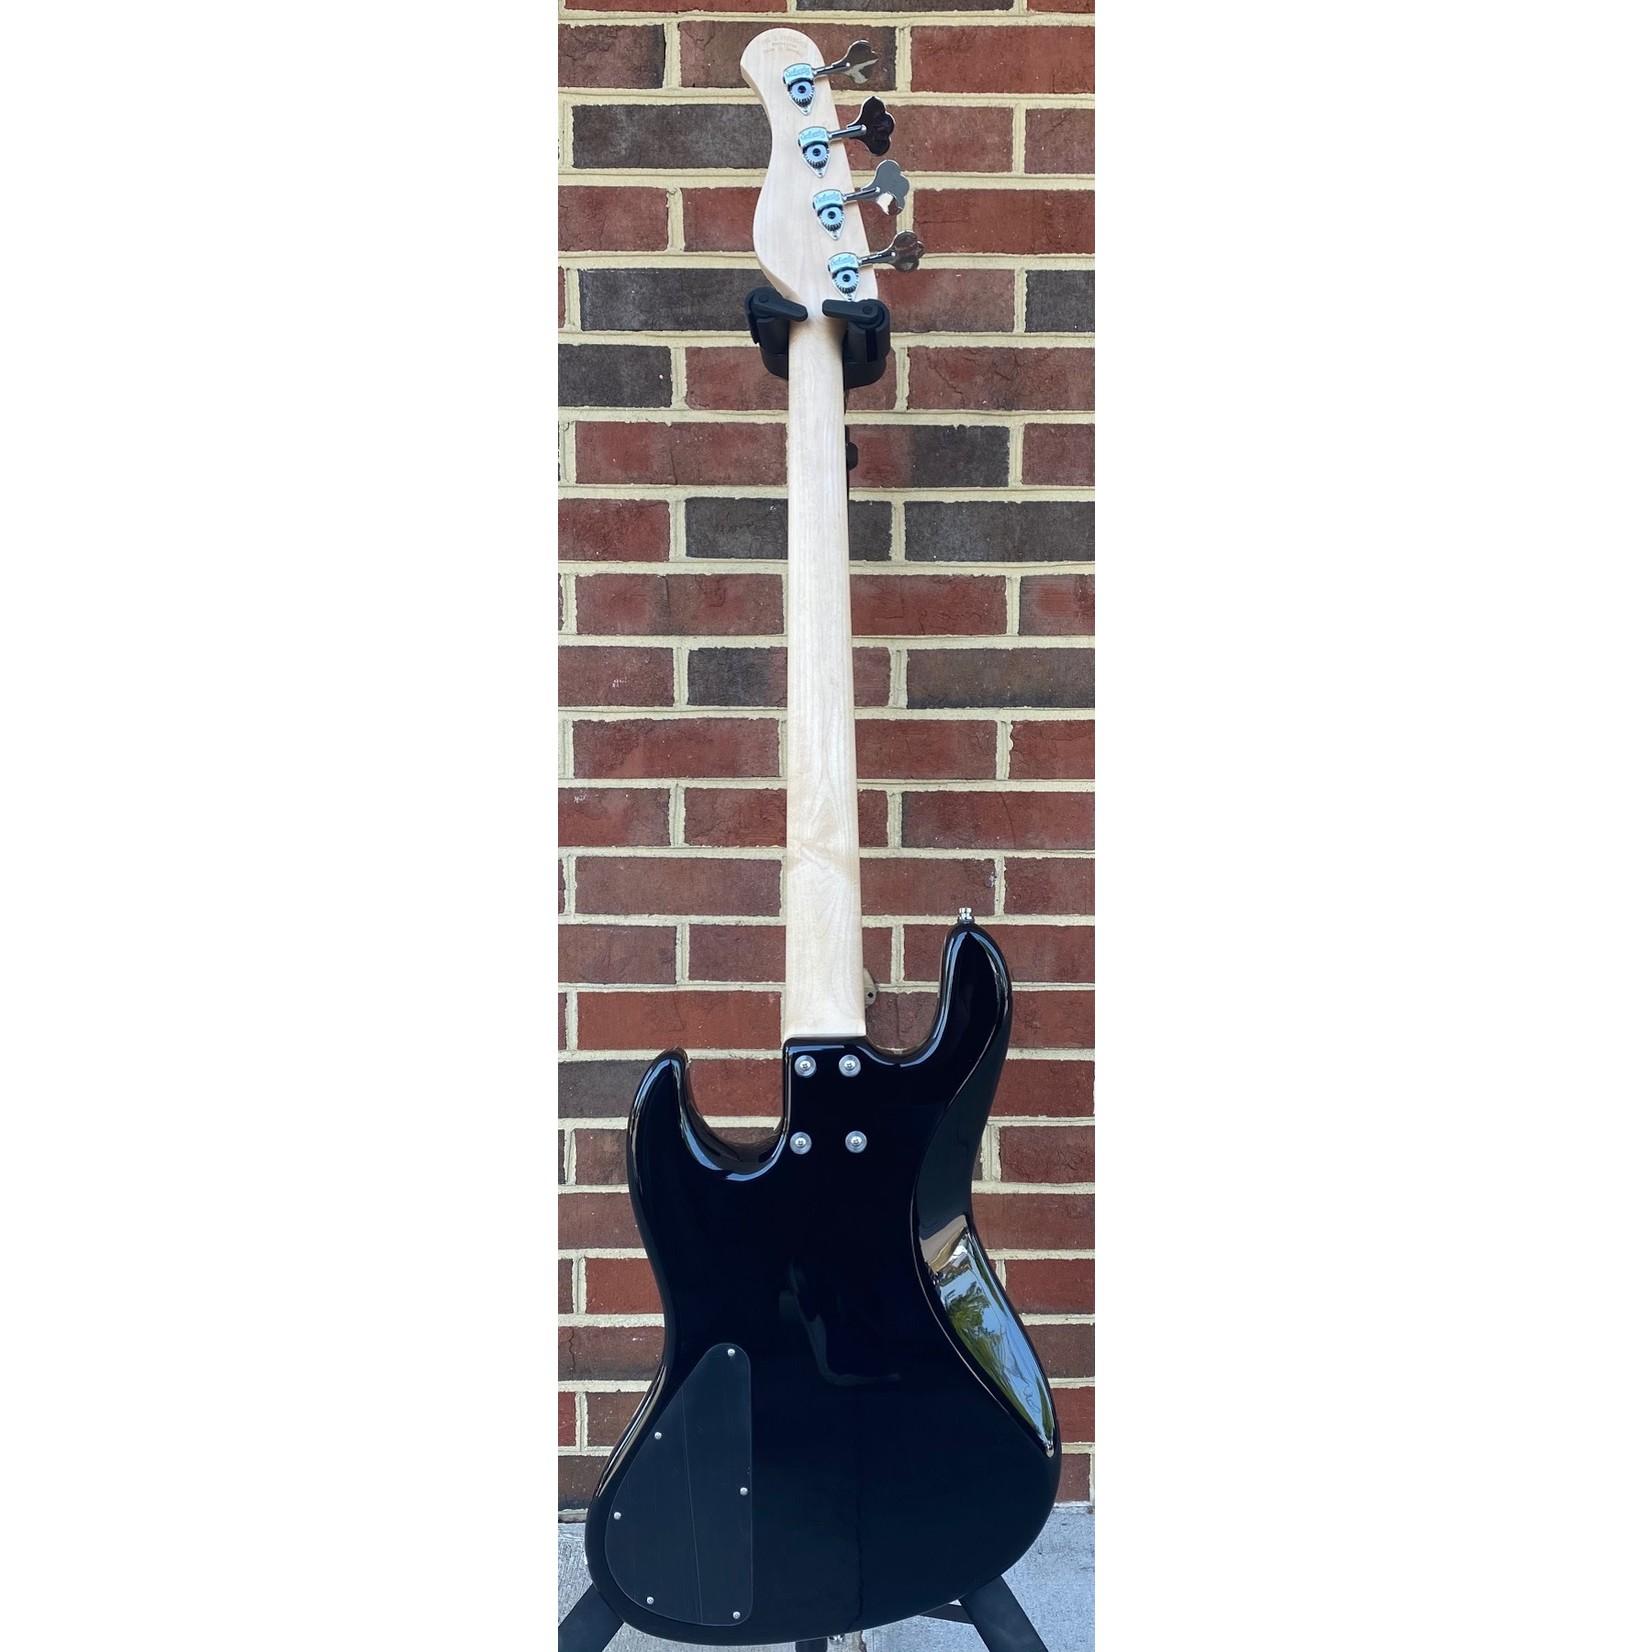 Sadowsky Sadowsky MetroLine 21-Fret Vintage J/J, Swamp Ash Body, Solid Black High Polish, Maple Fretboard